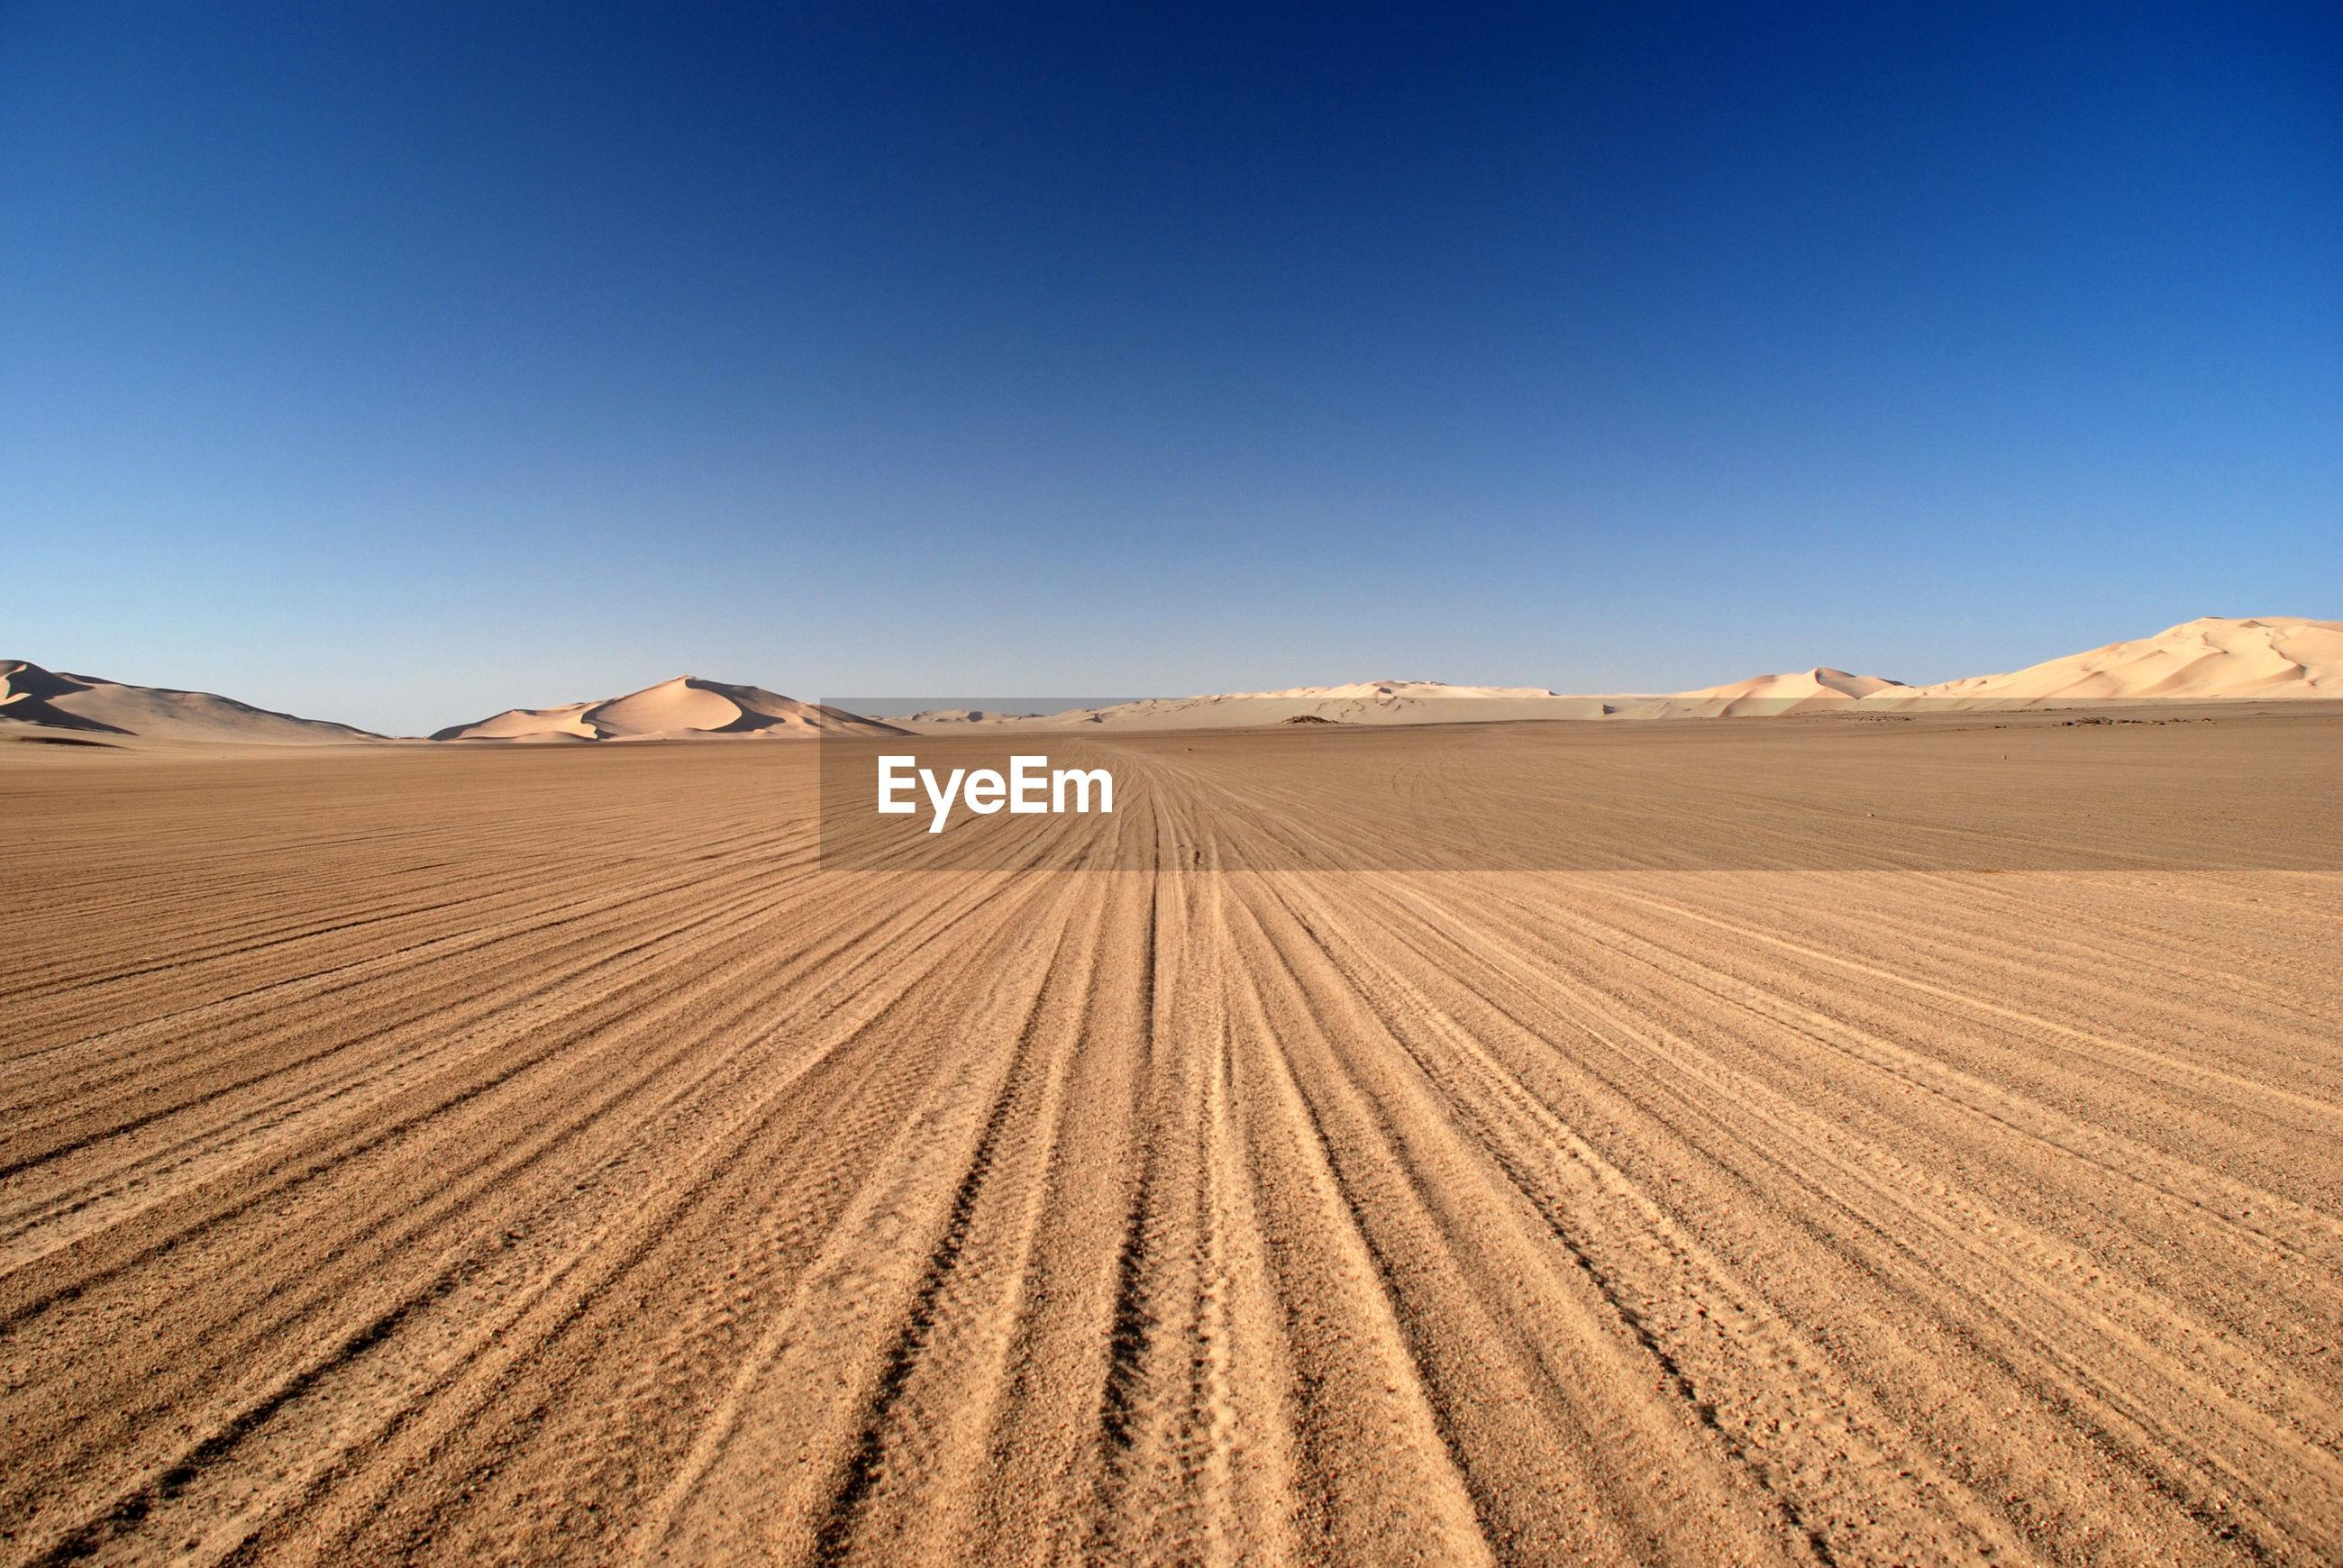 Tire track on sand in desert